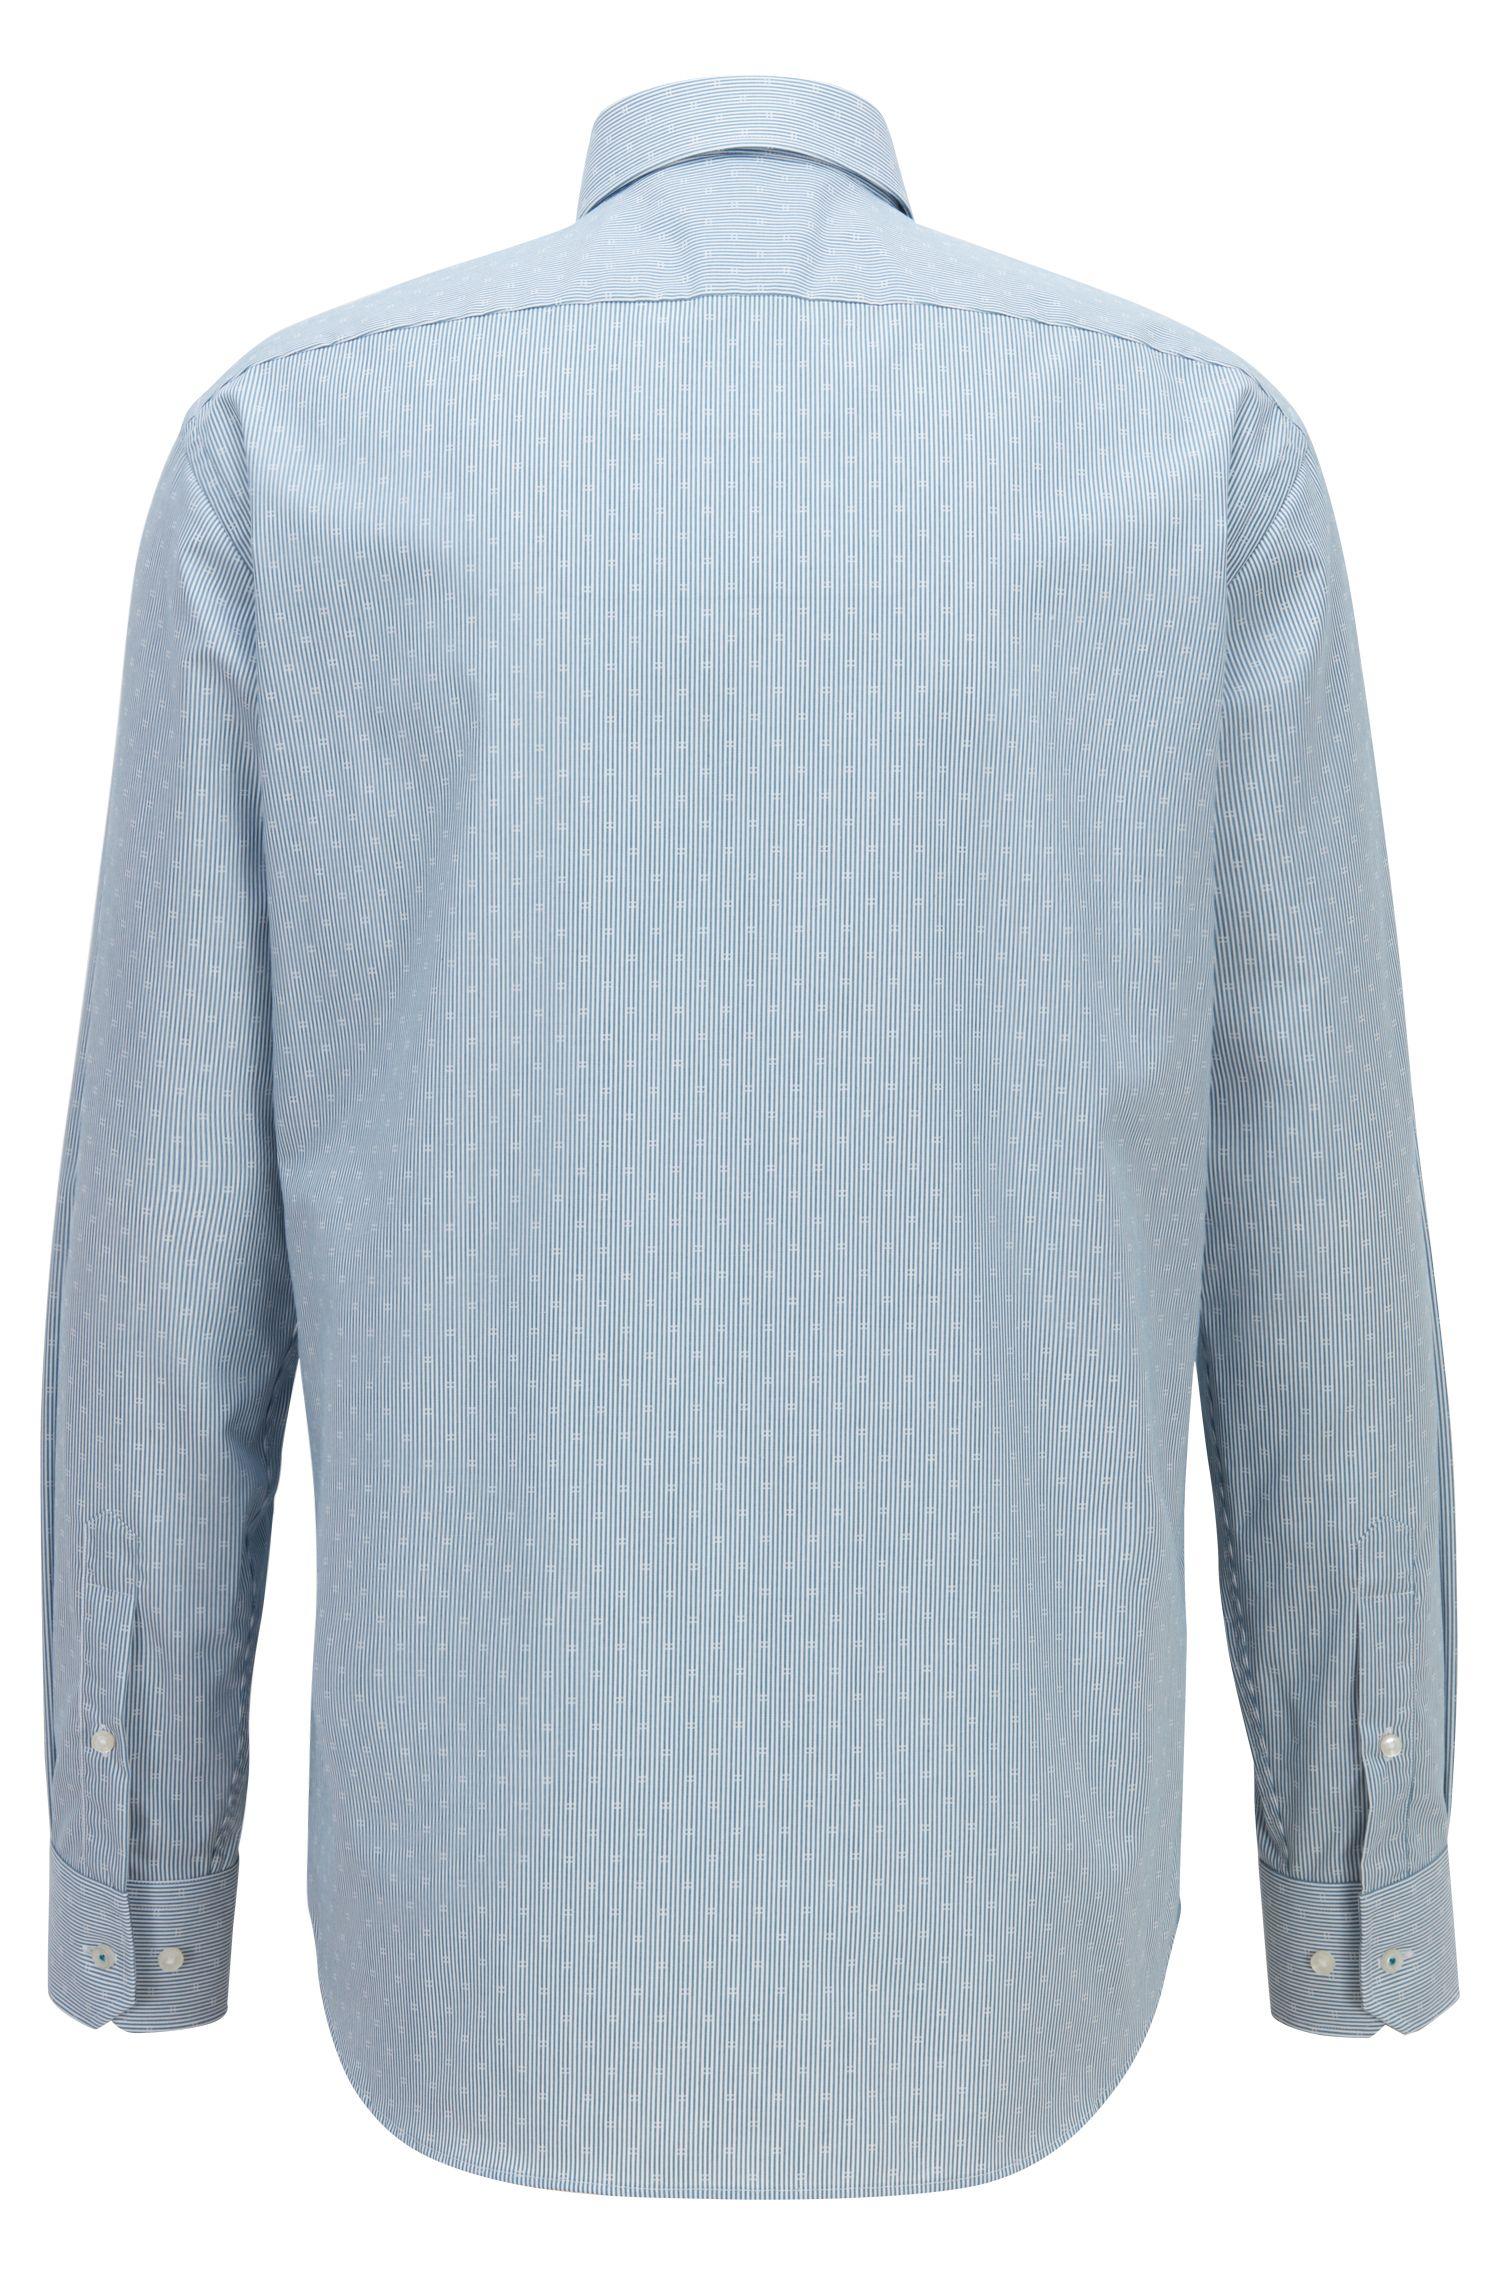 Regular-Fit Hemd aus bügelleichter Baumwoll-Popeline, Türkis